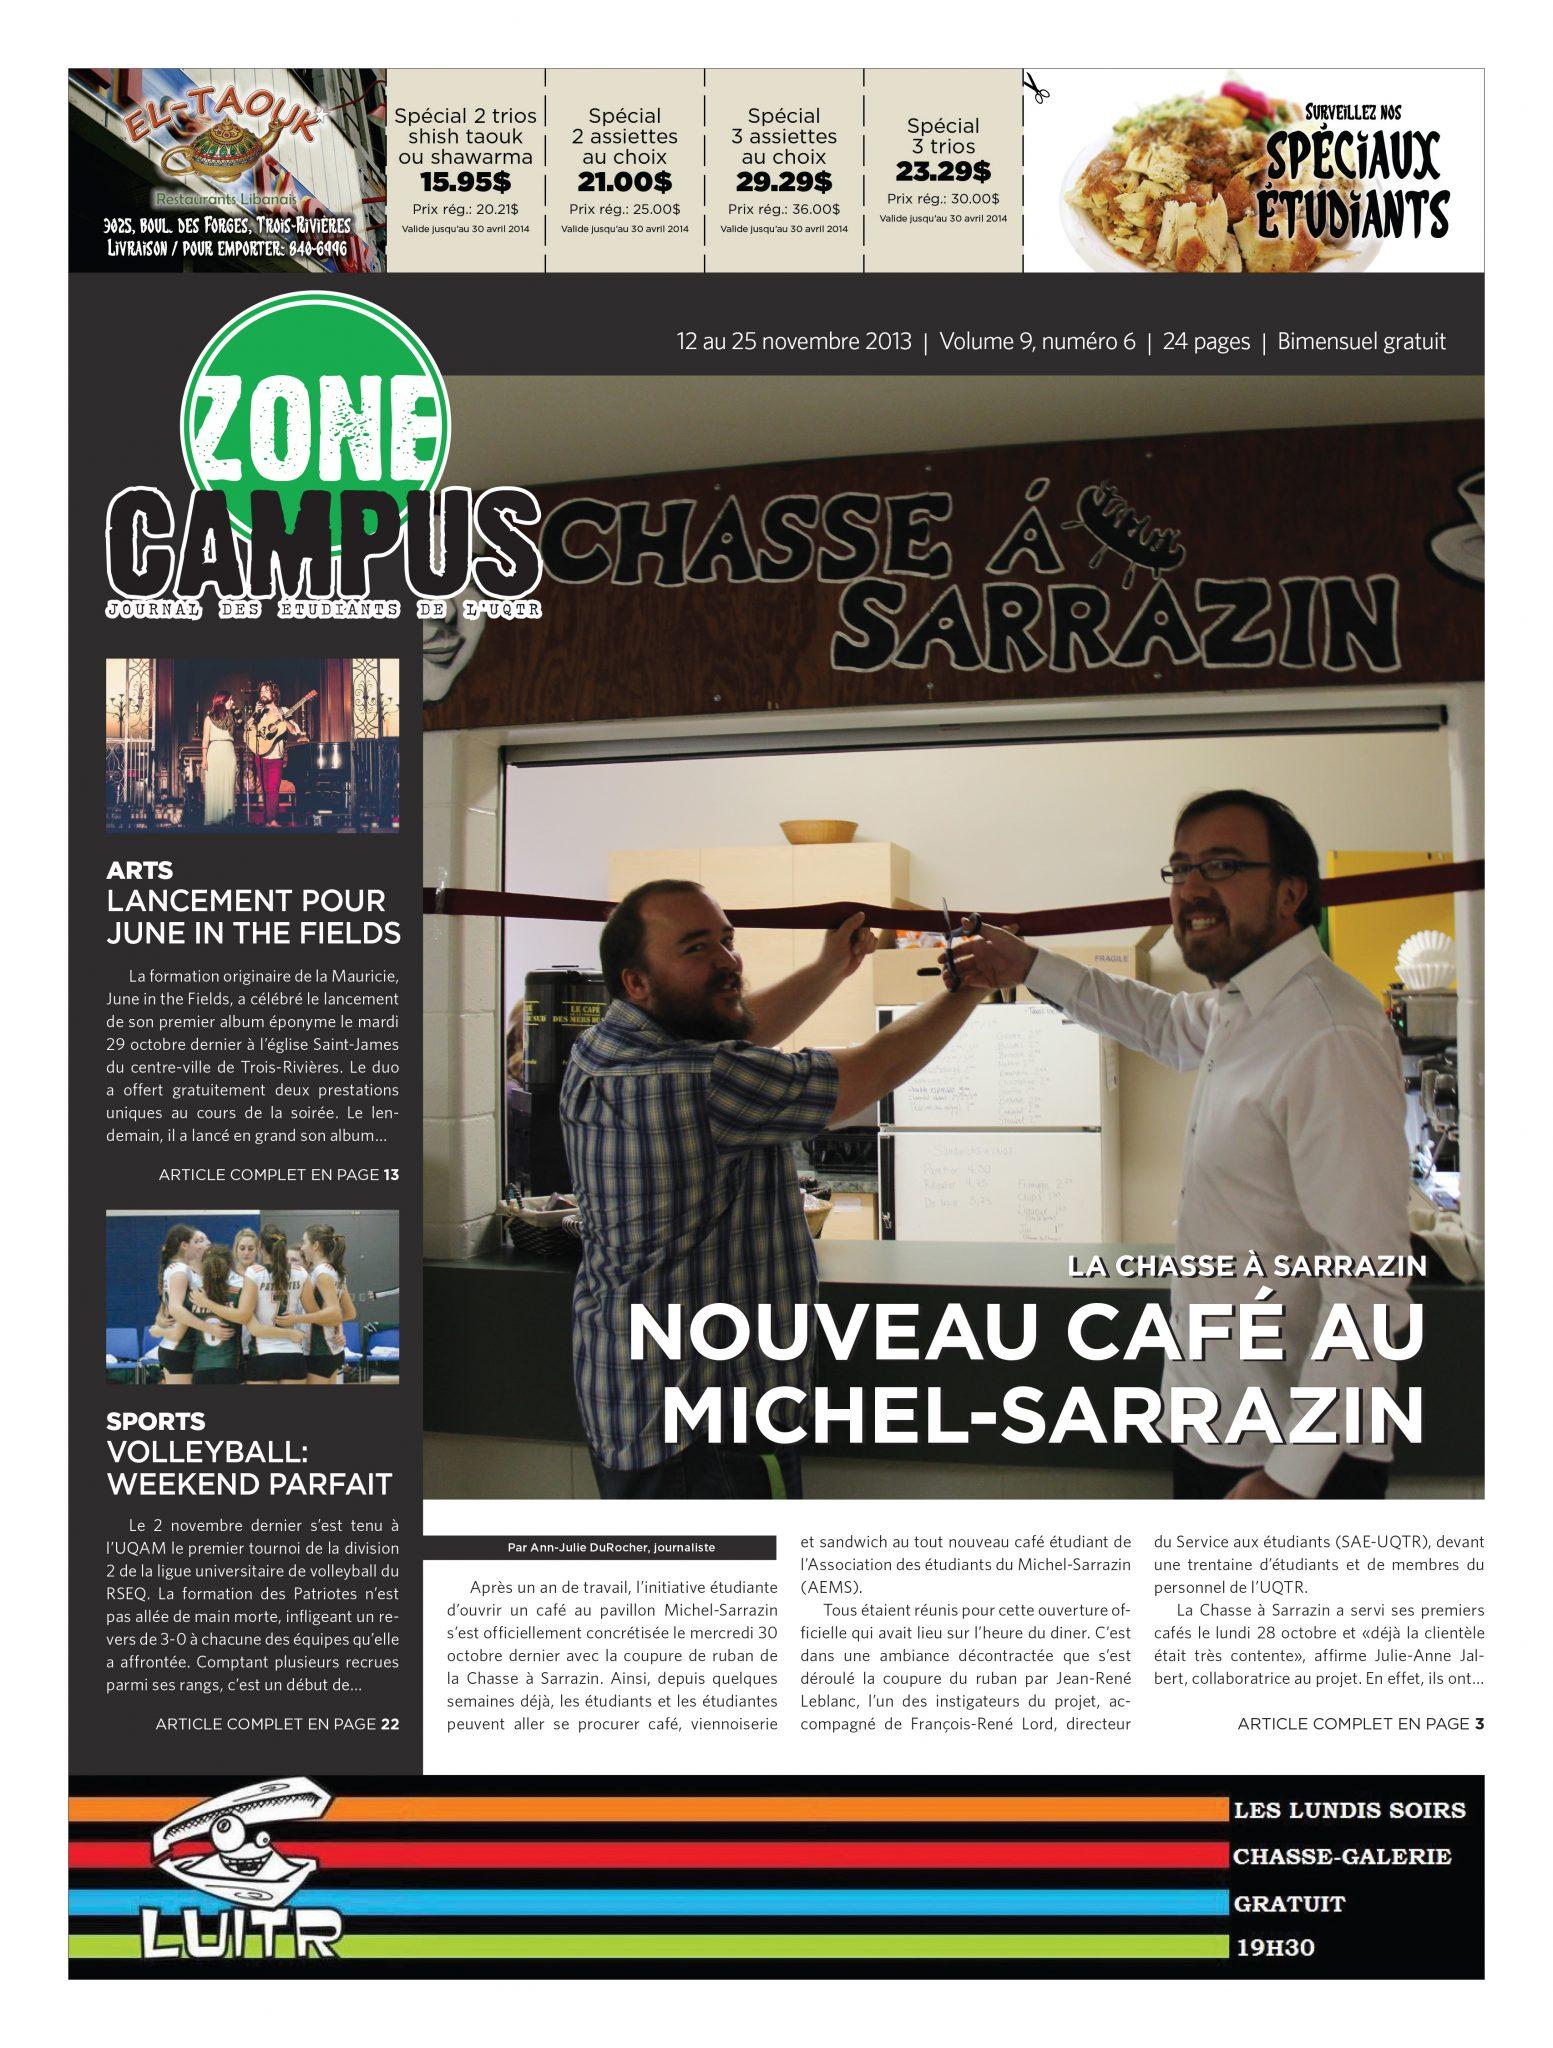 zonecampus20131112